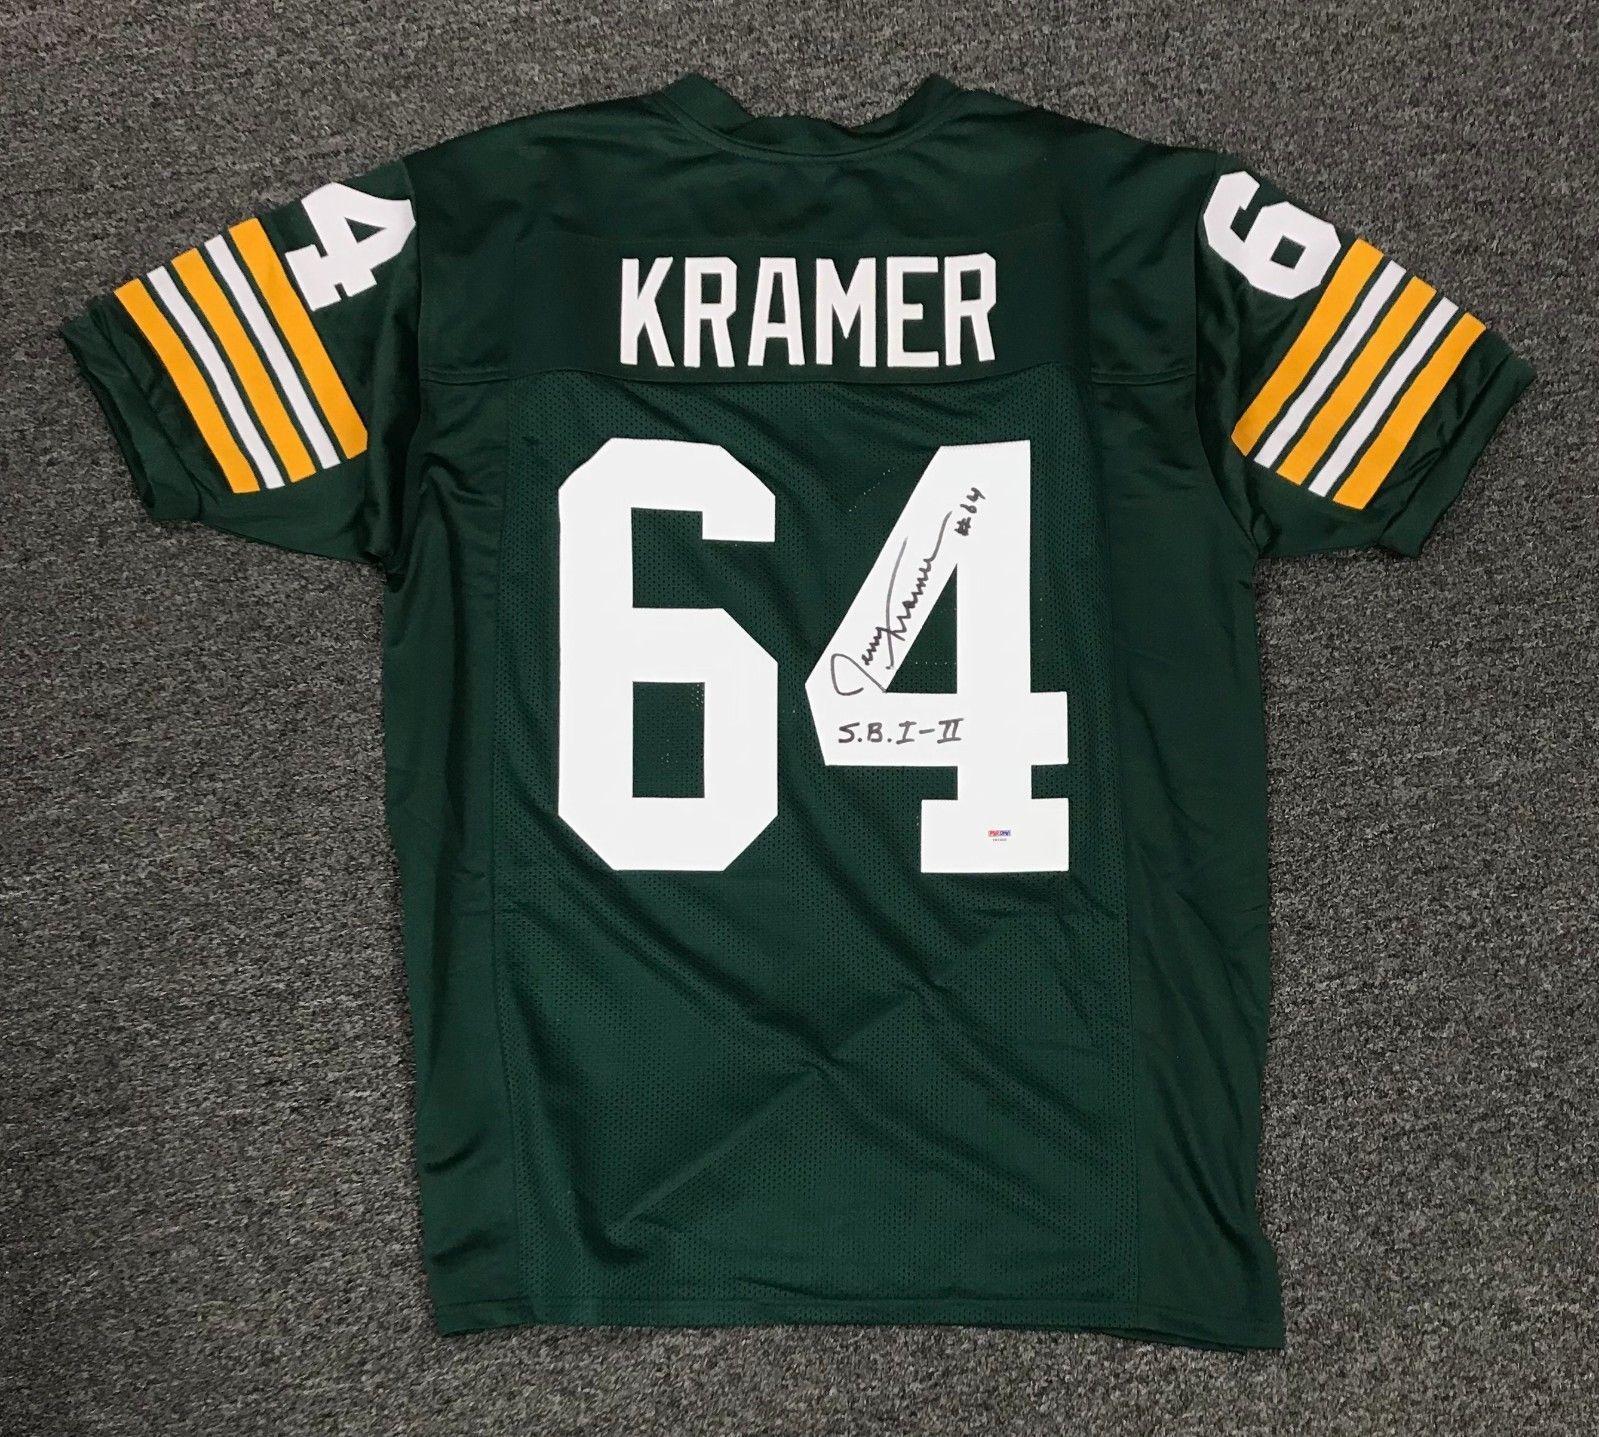 d12a9d7c025f9 Jerry Kramer